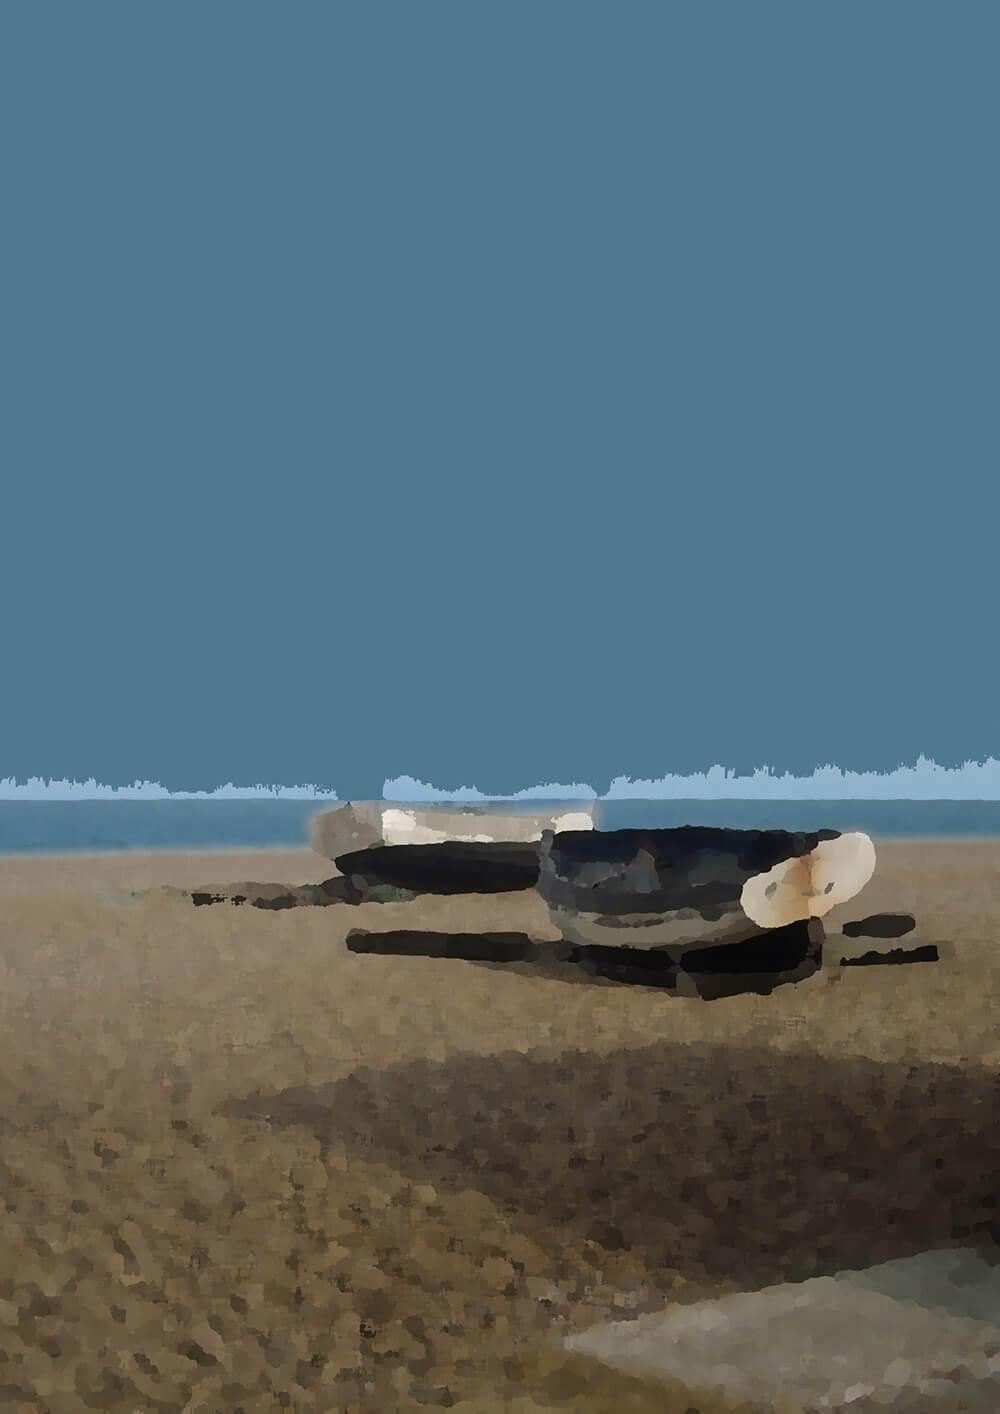 DSC00349-aldeburghboats2.jpg